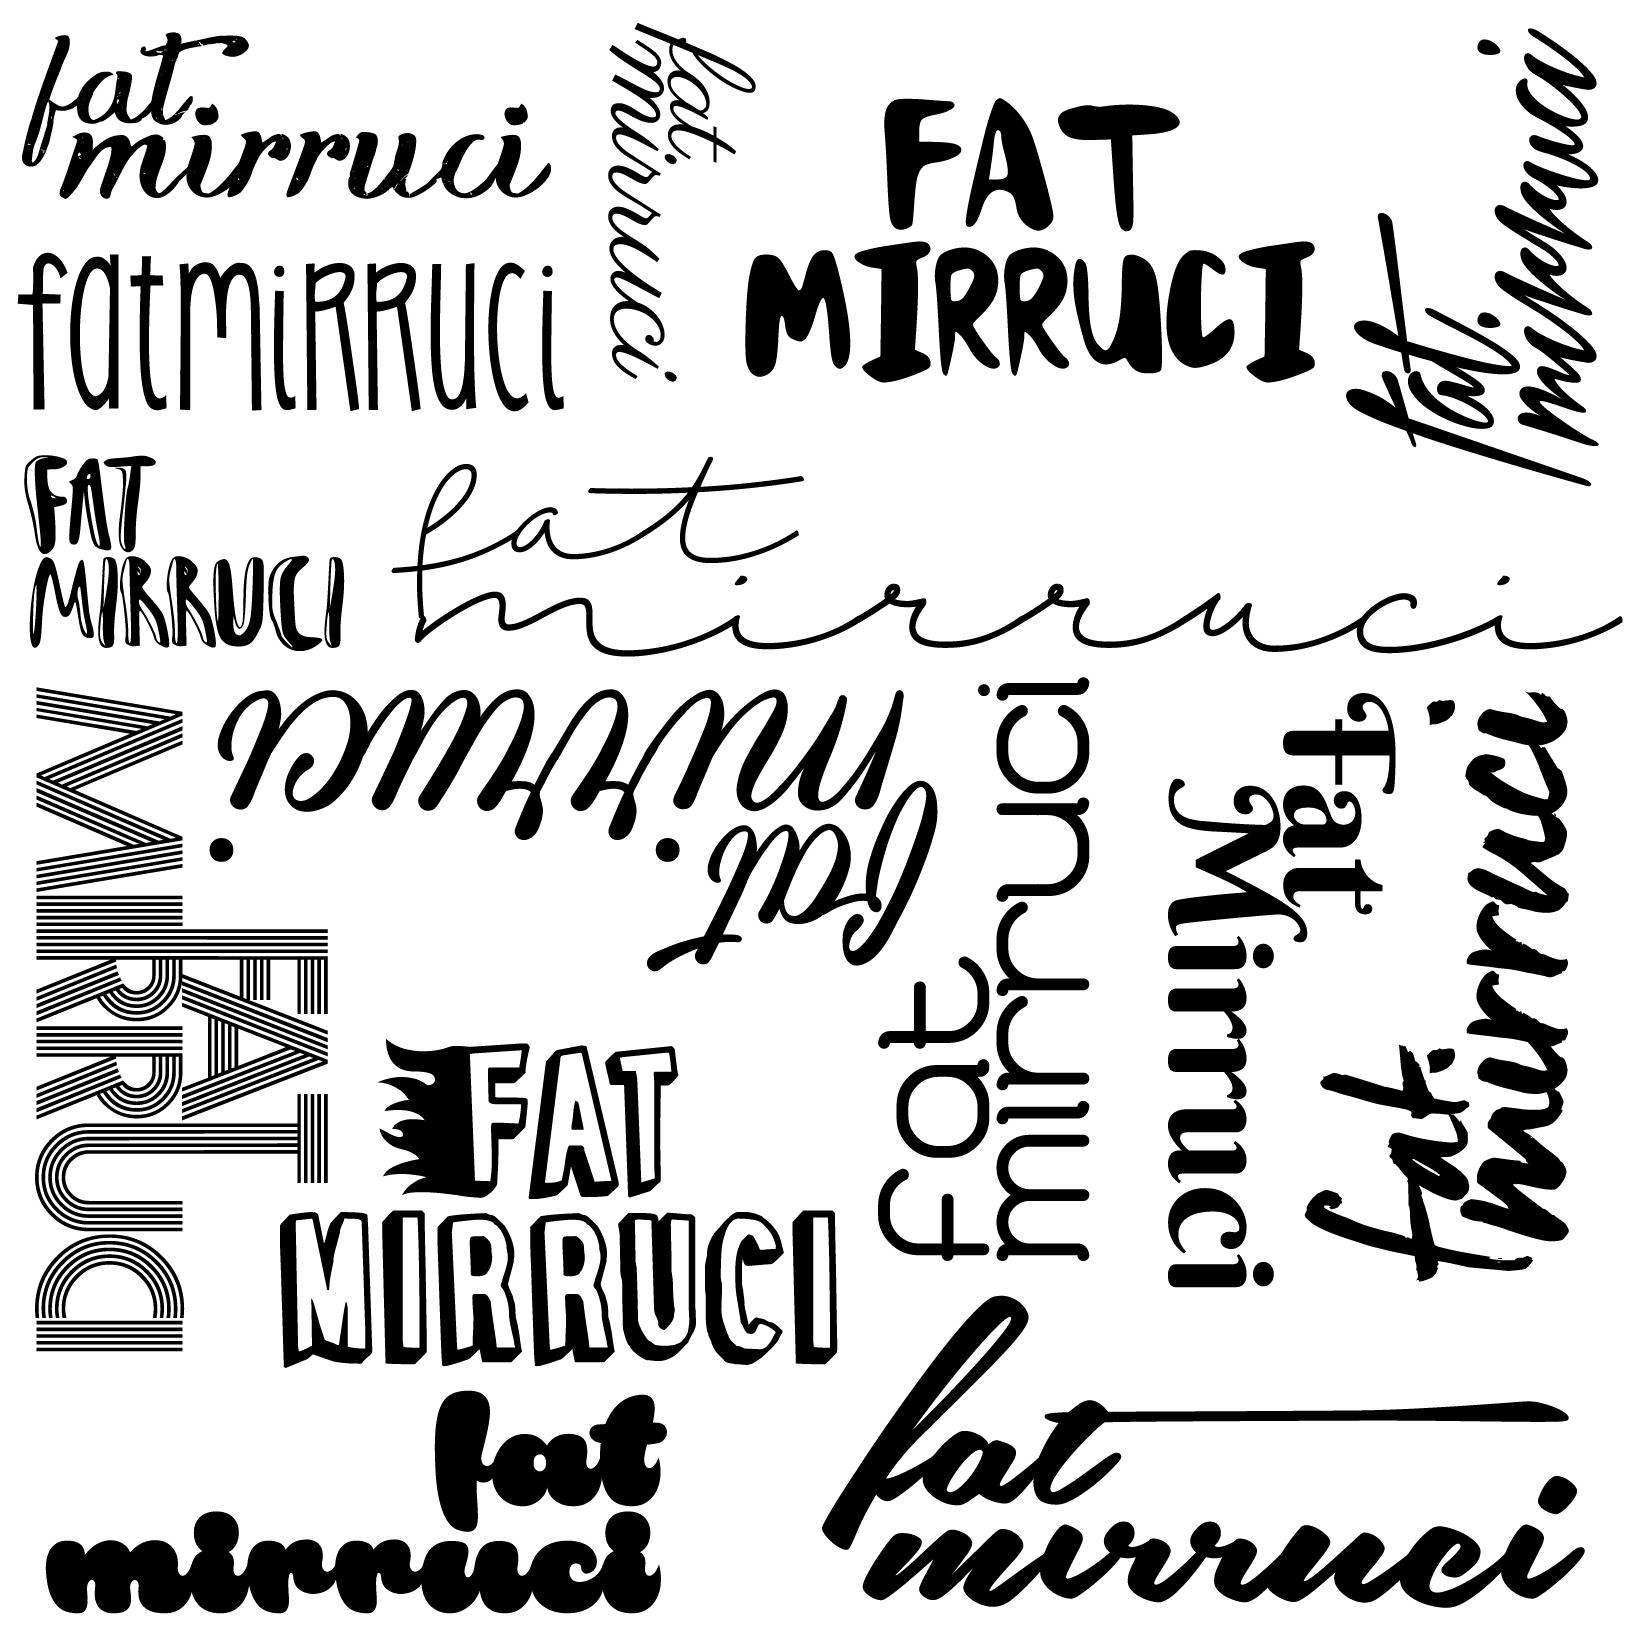 Fat Mirruci Logos